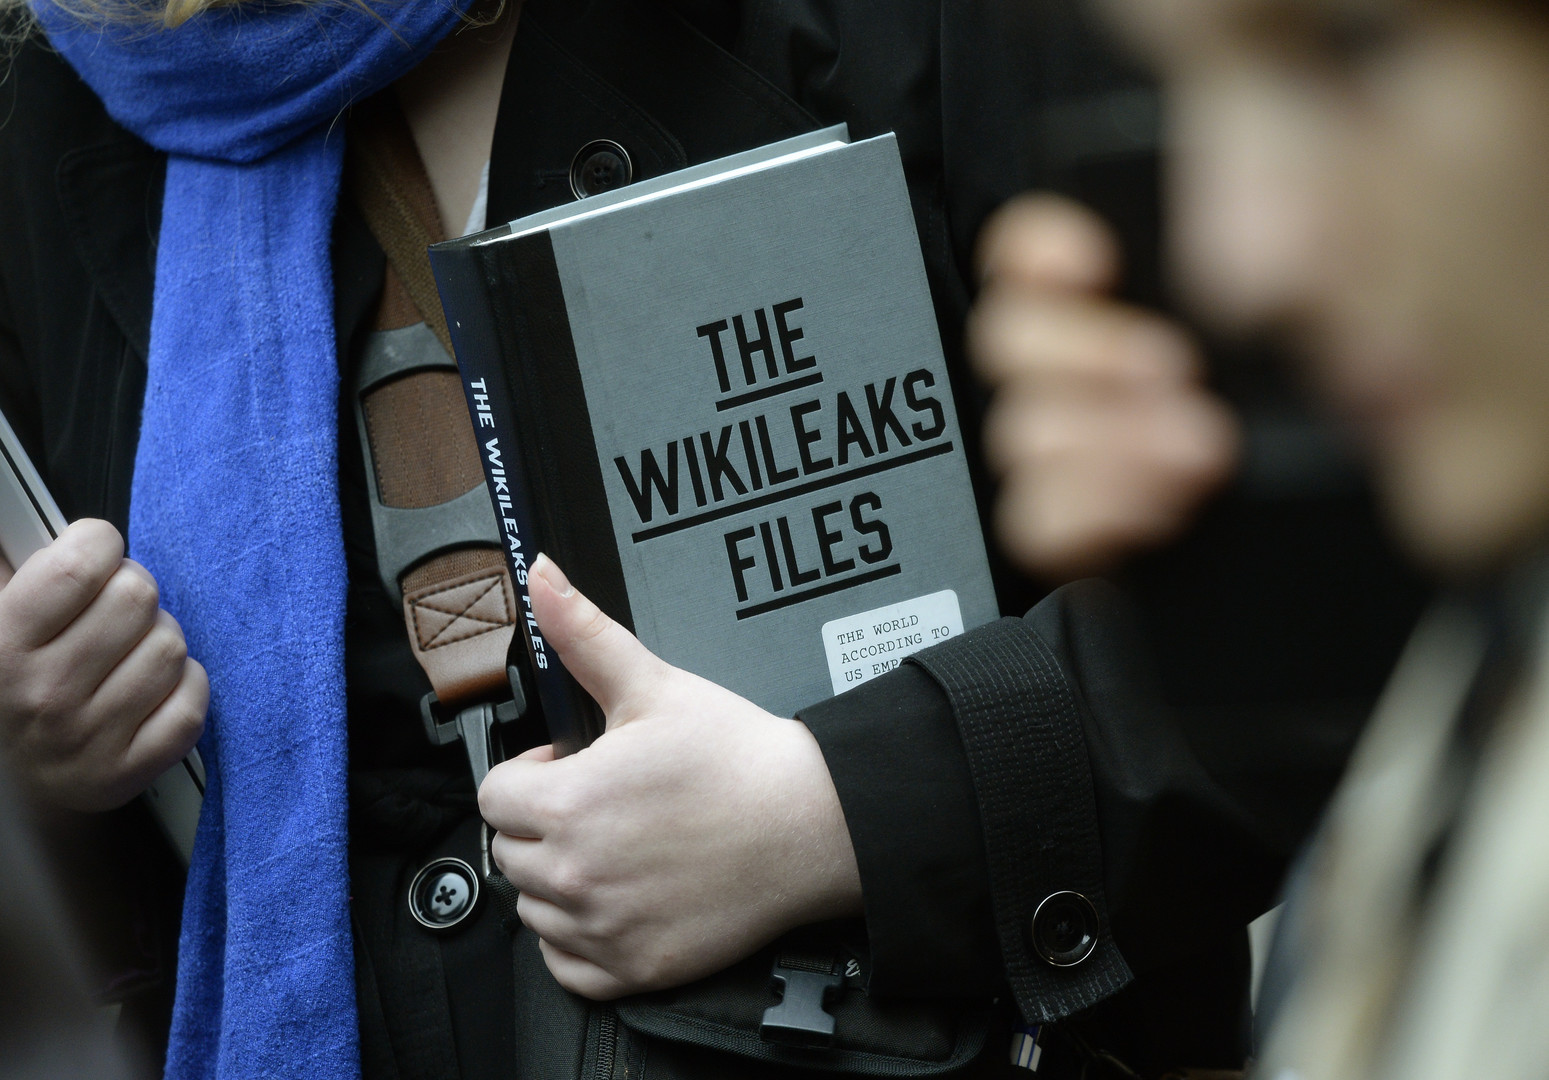 Быстрее — значит хуже: RT обвинили в публикации писем главы штаба Клинтон раньше WikiLeaks